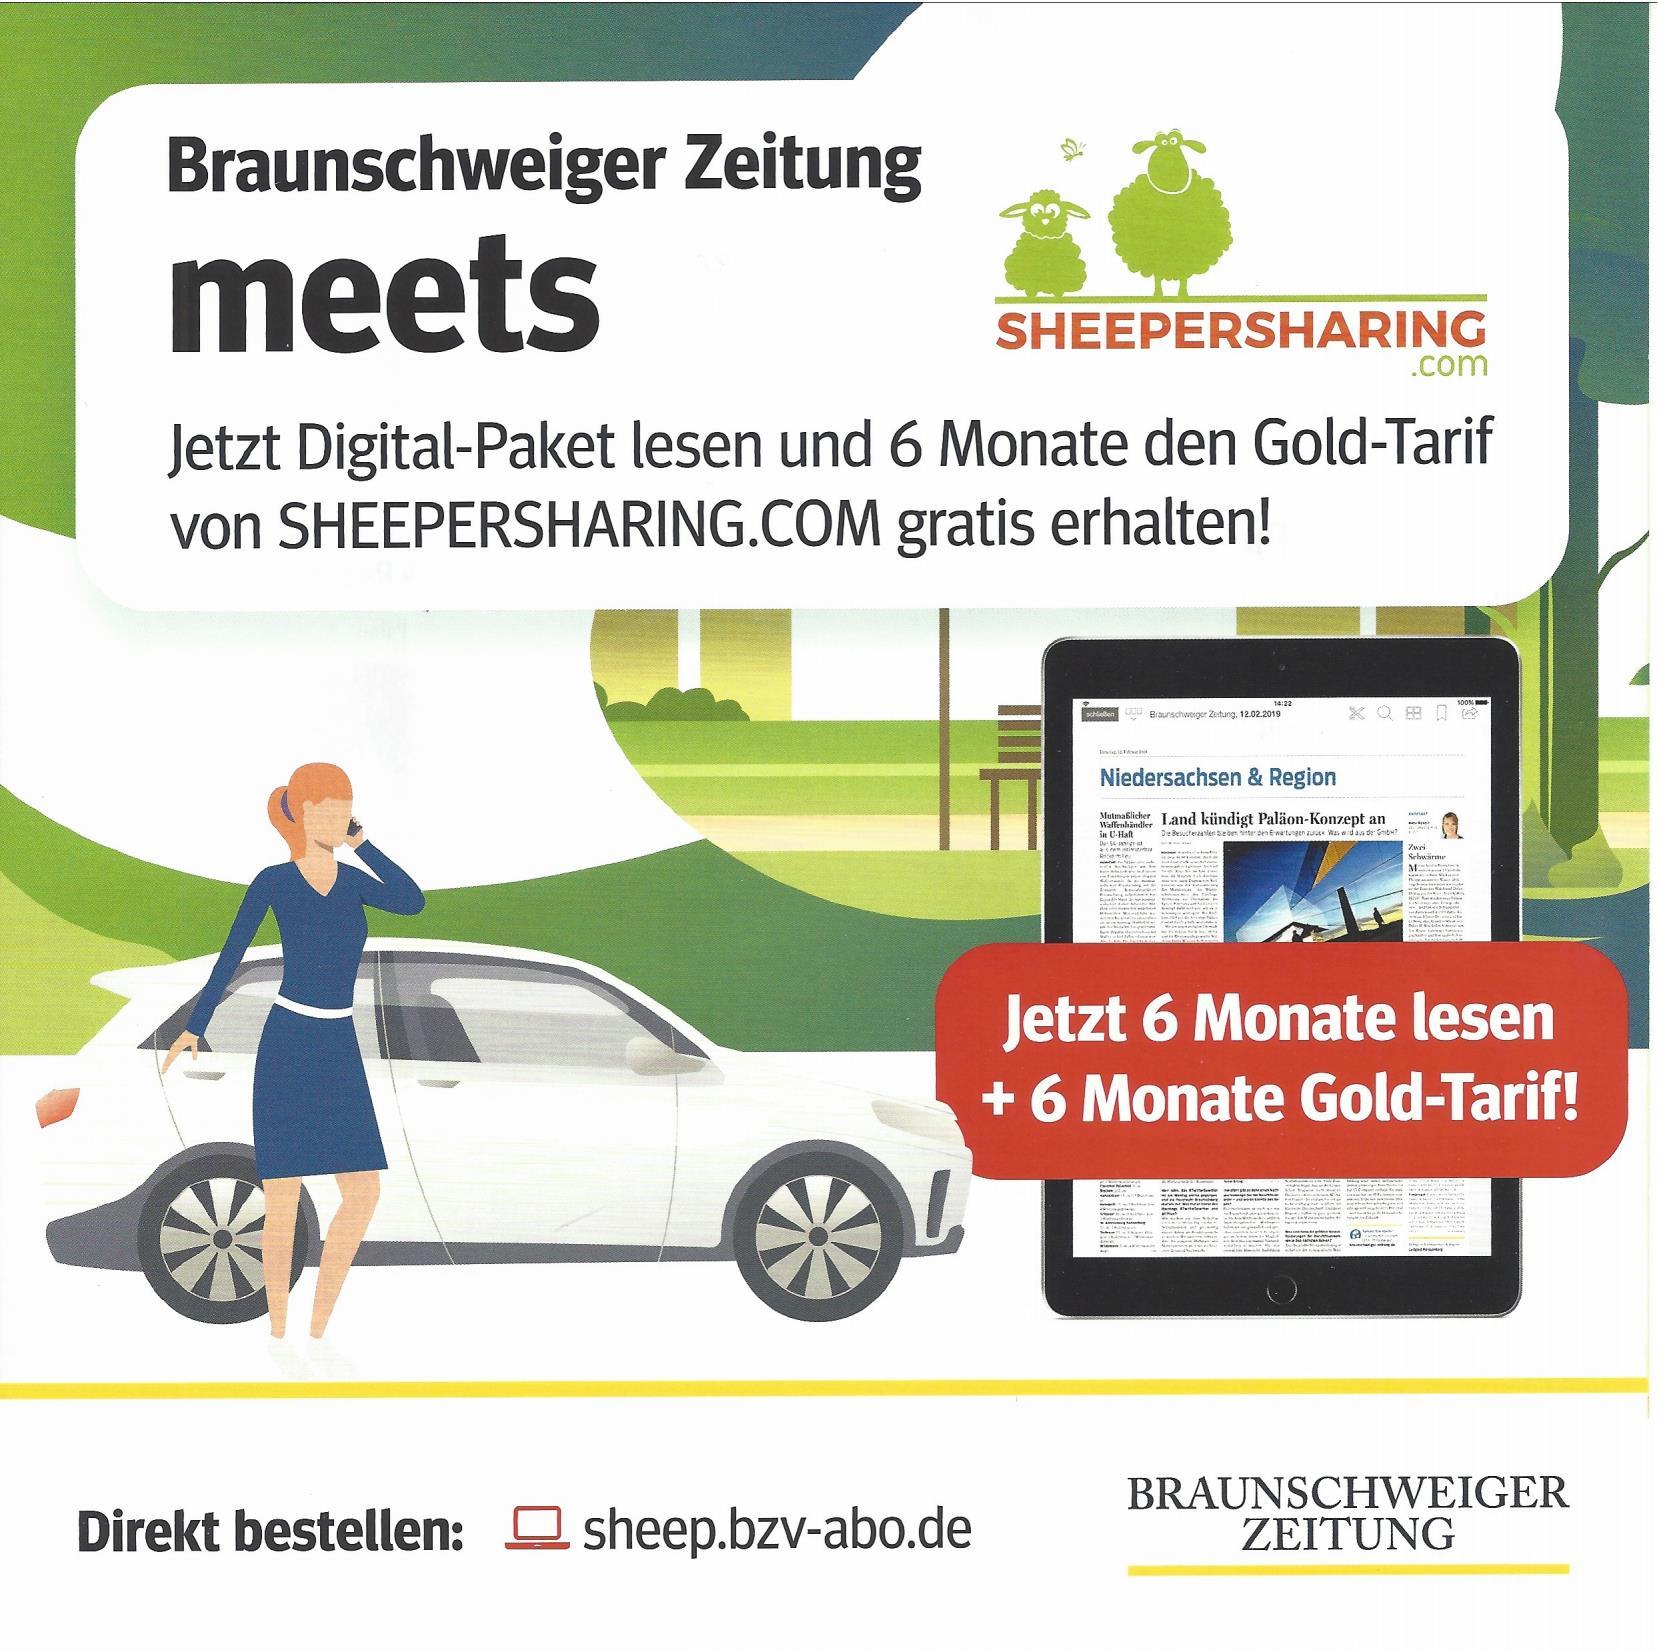 SHEEPERSHARING.COM gemeinsam mit Braunschweiger Zeitung …